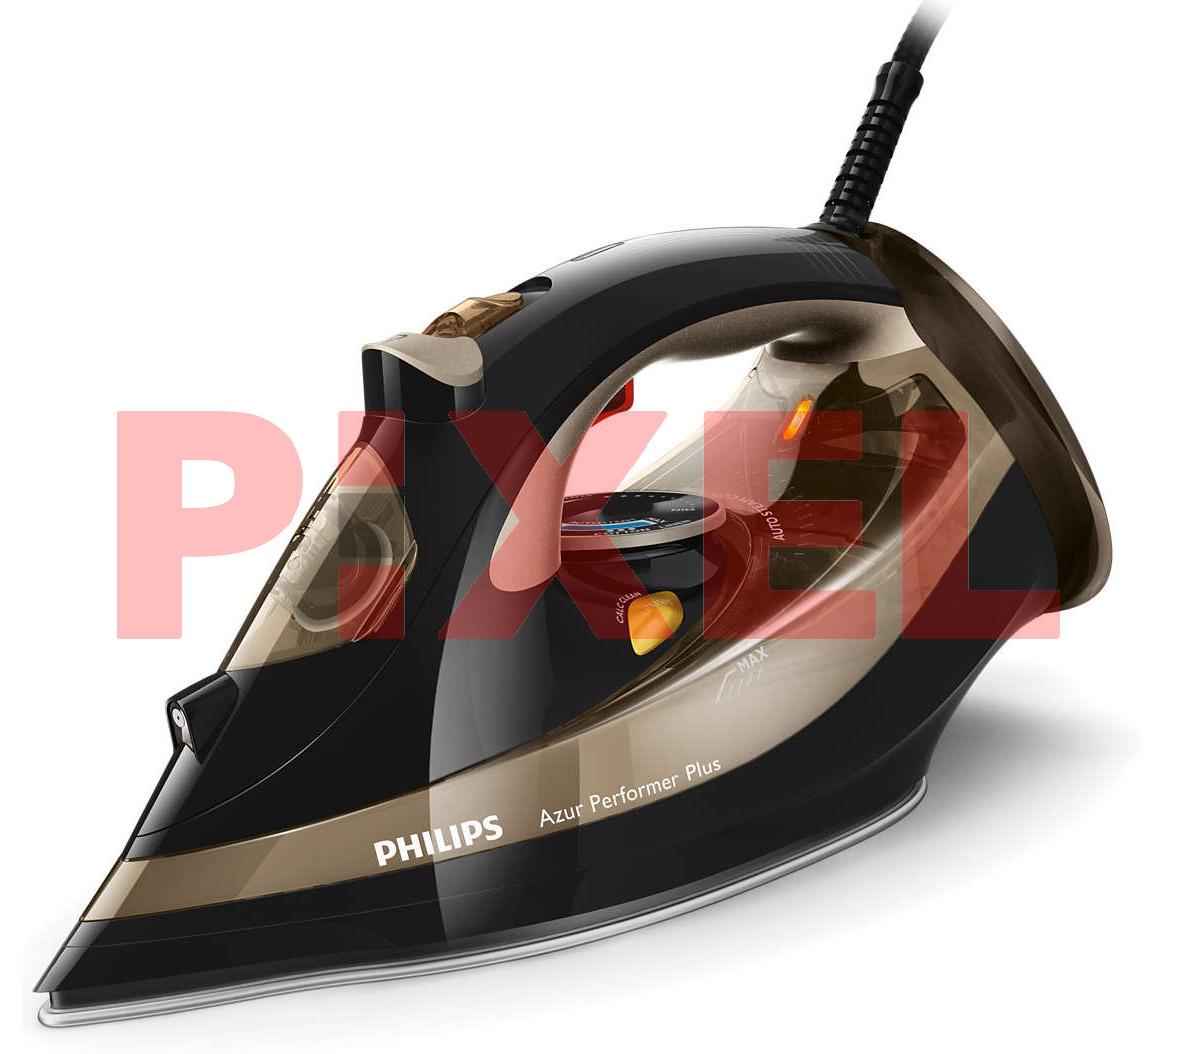 Żelazko PHILIPS GC4527/00 Azur Performer Plus 2600W